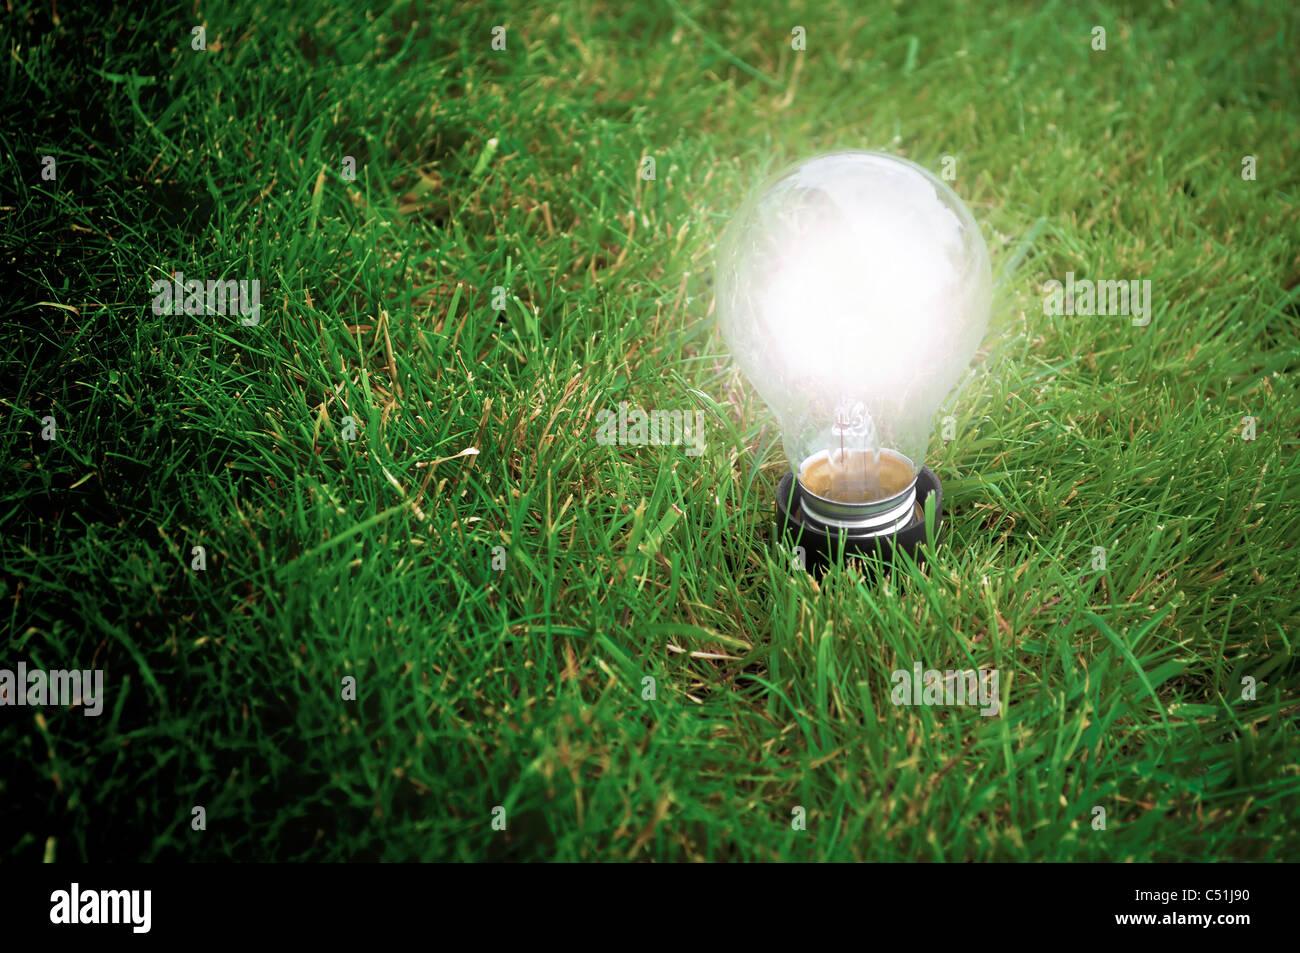 Concepto de energía alternativa - lámpara de luz brillando en la hierba en la noche Imagen De Stock